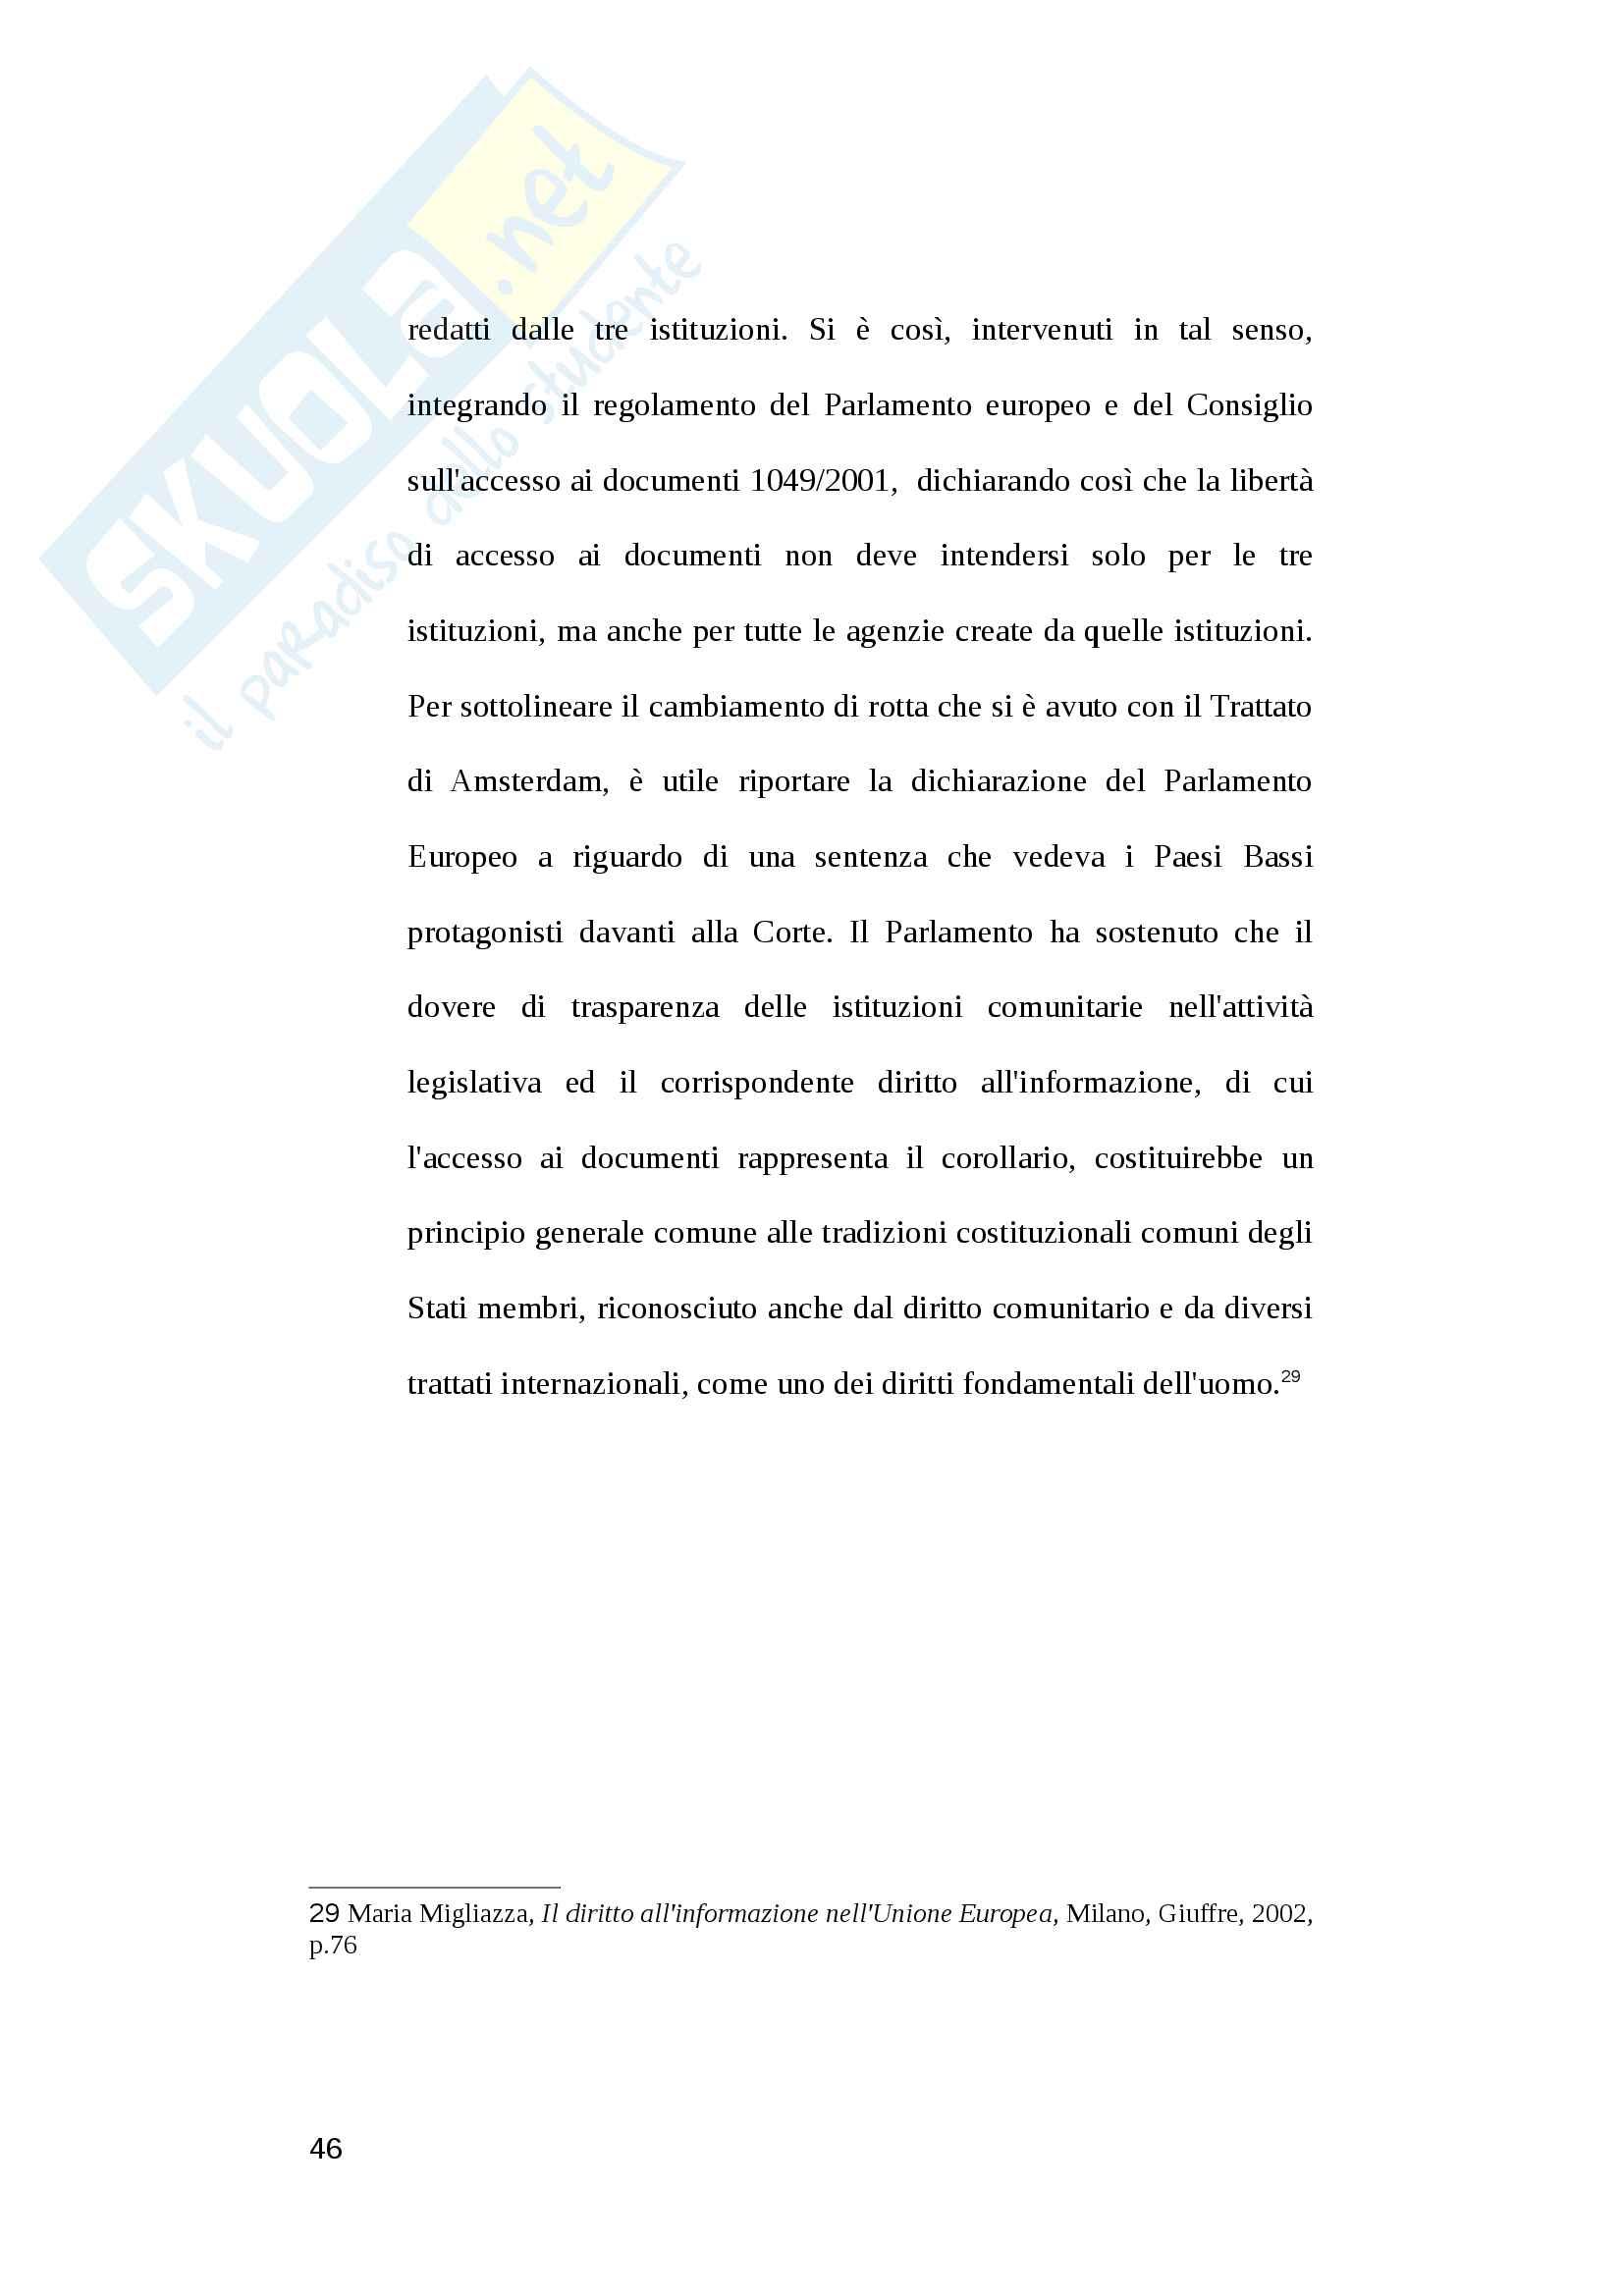 L'inquadramento costituzionale dell'informazione reticolare Pag. 46